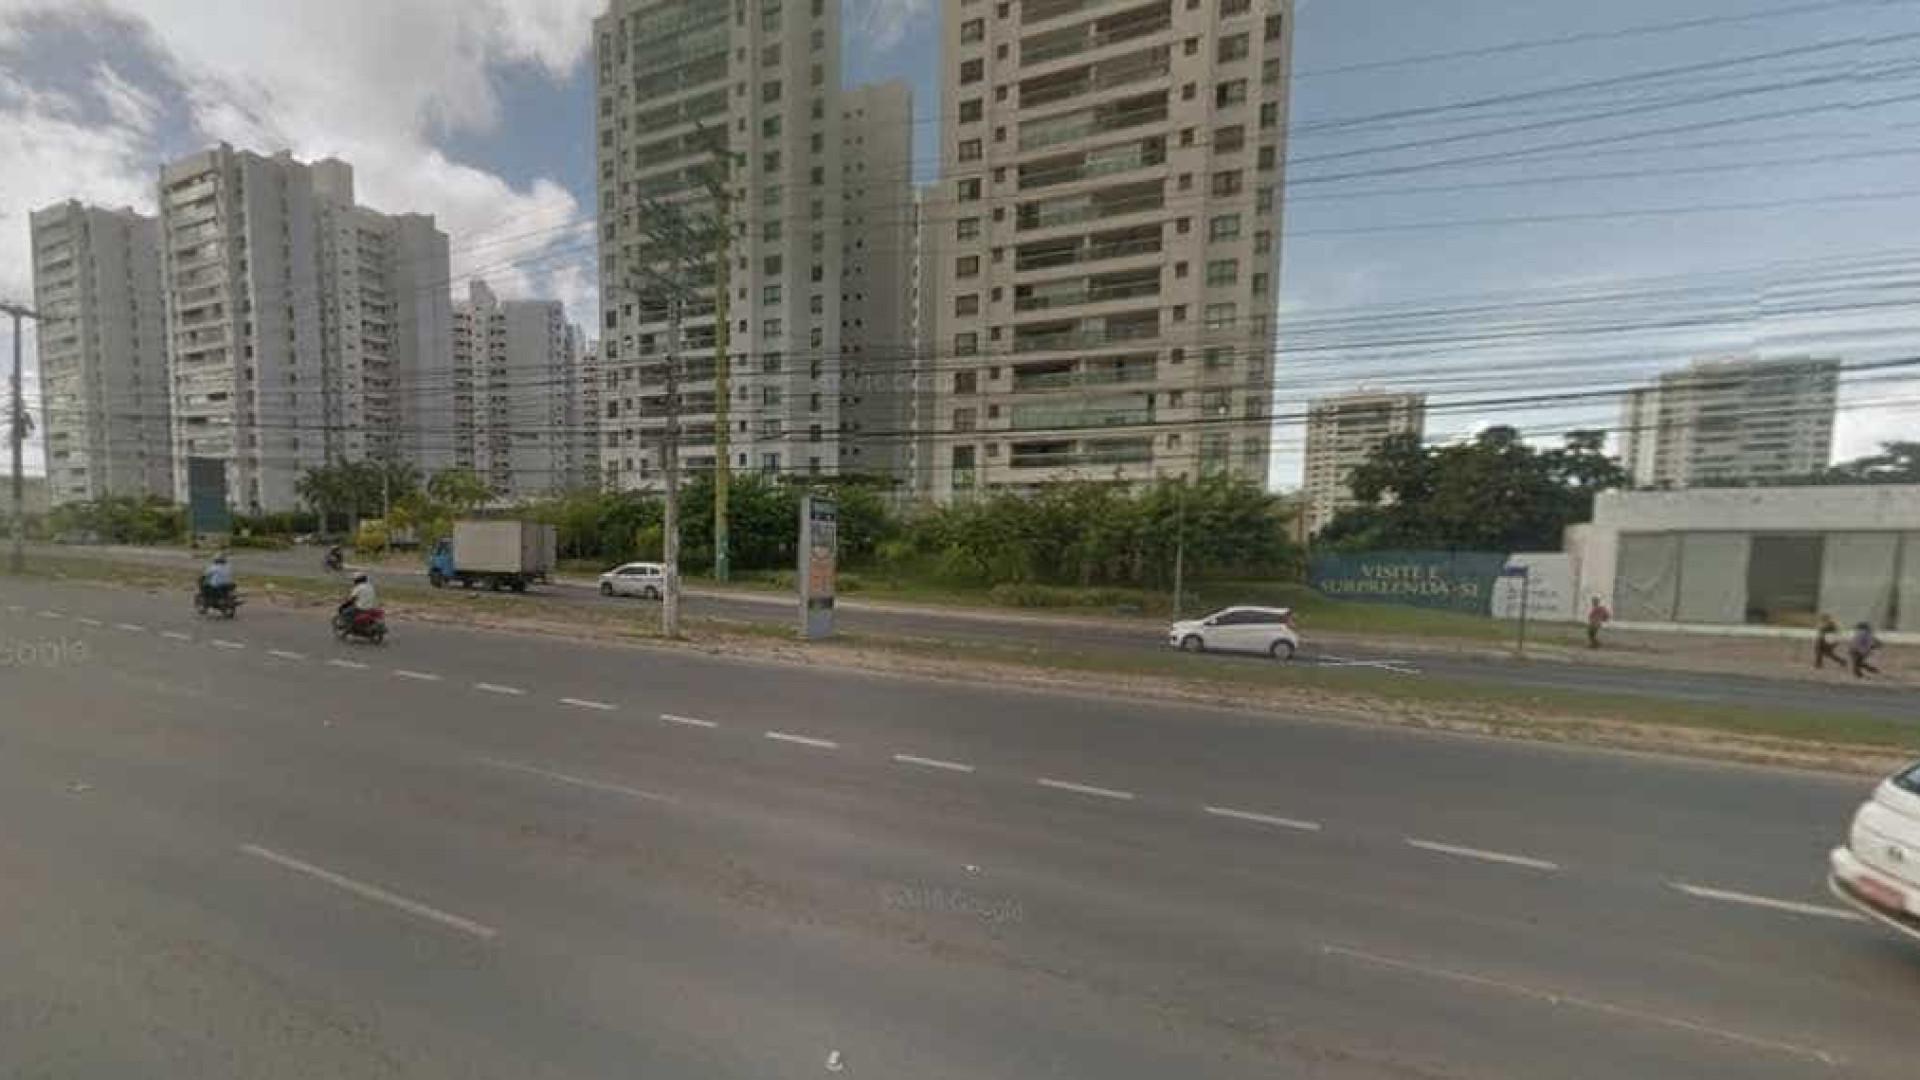 Assalto a ônibus deixa passageiro morto em Salvador